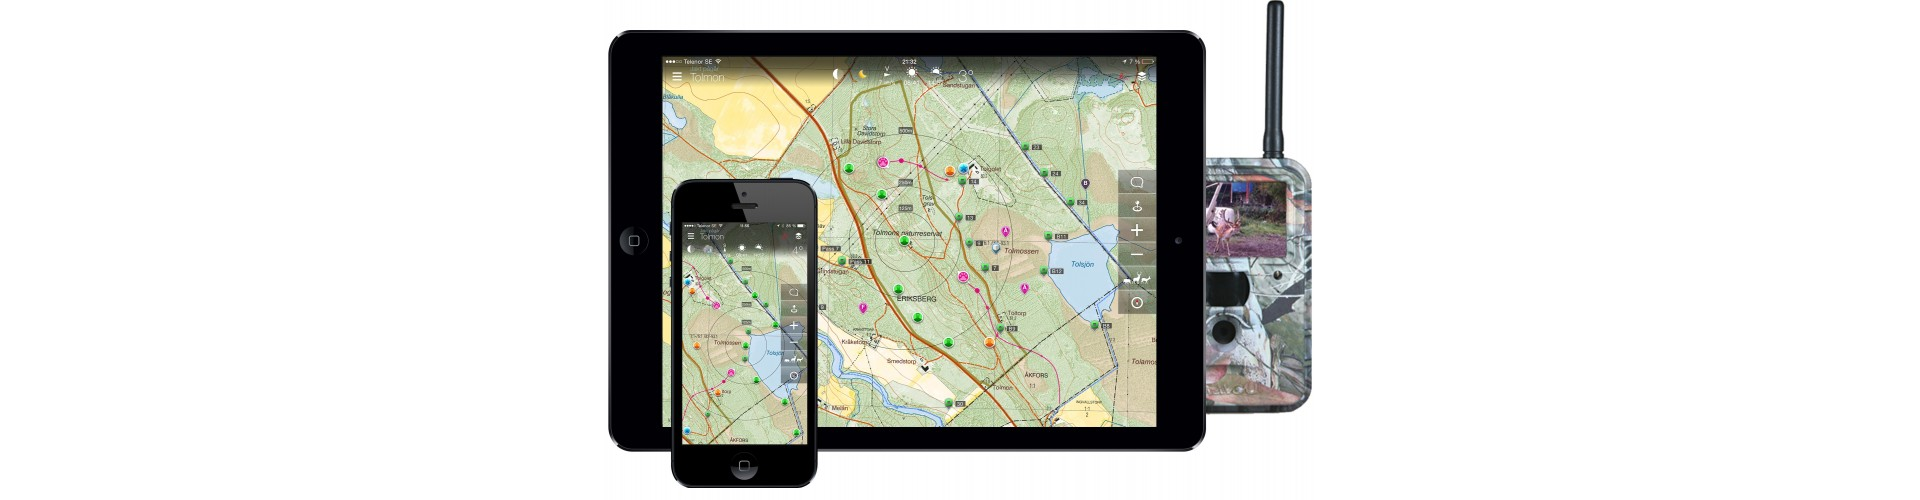 GPS Til Hund | Køb GPS Tracker Til Hund & Hunde GPS Online